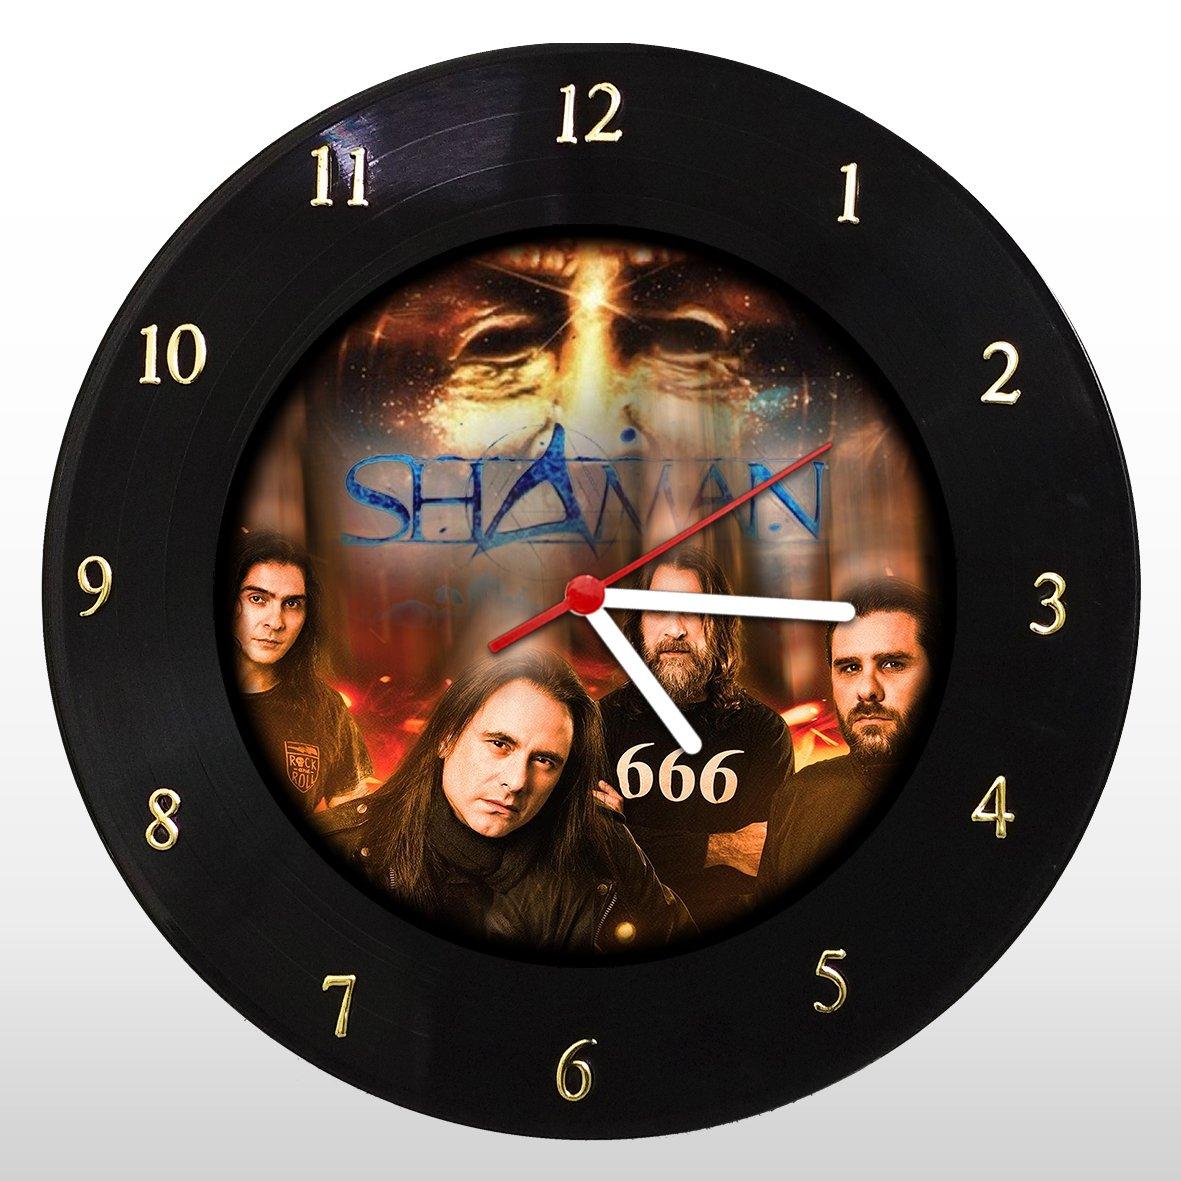 Shaman - Relógio de Parede em Disco de Vinil - Mr. Rock